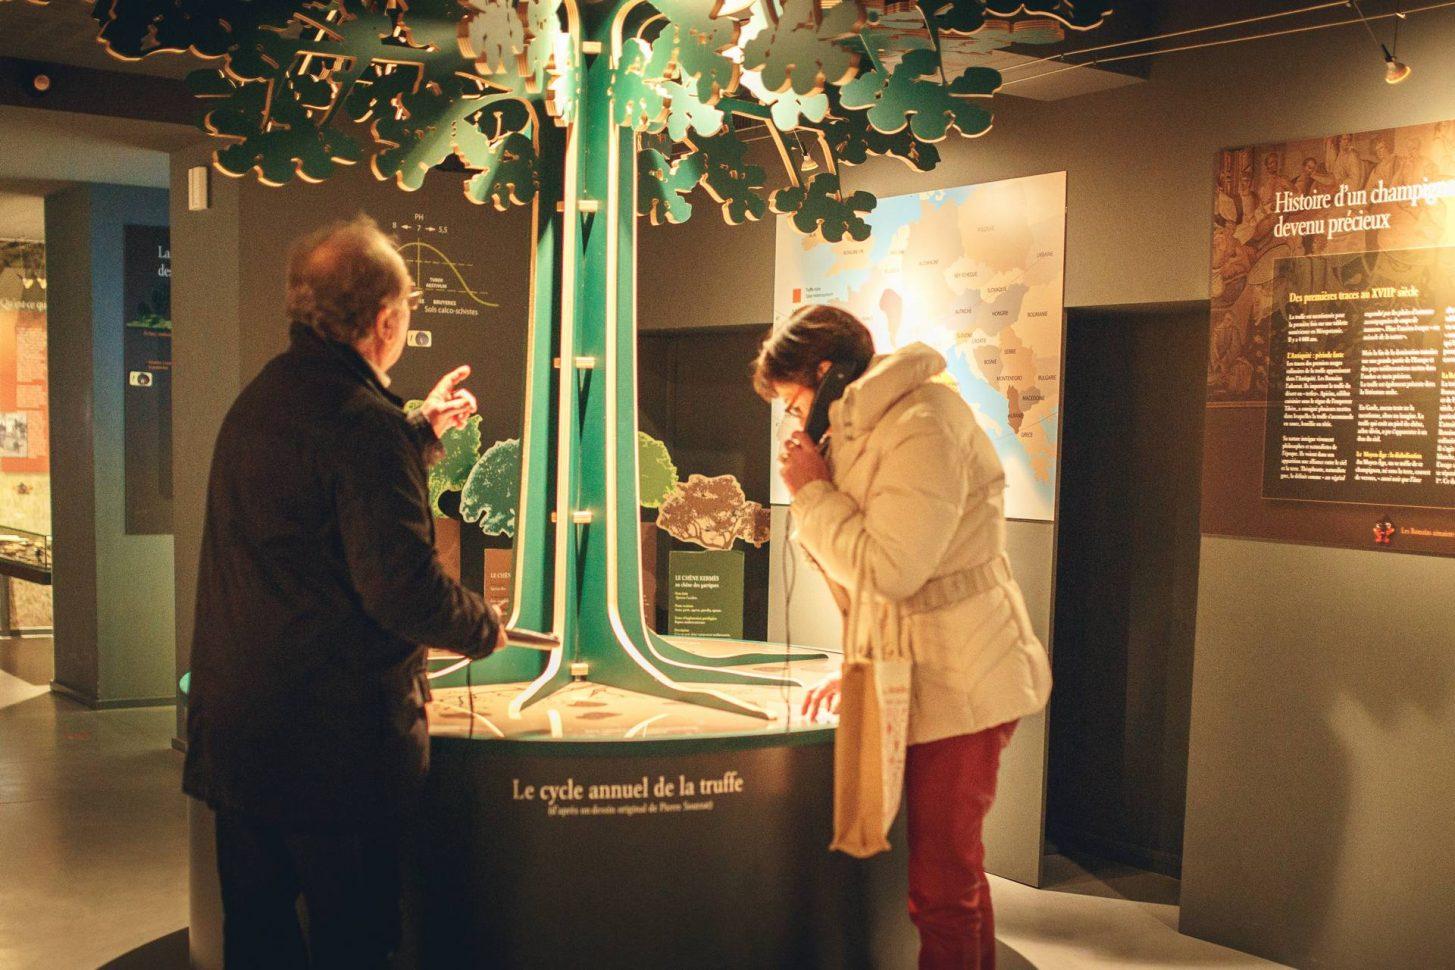 Explication de la culture de la truffe à la Maison de la truffe ©Vincent Photographie-ADT de l'Aude